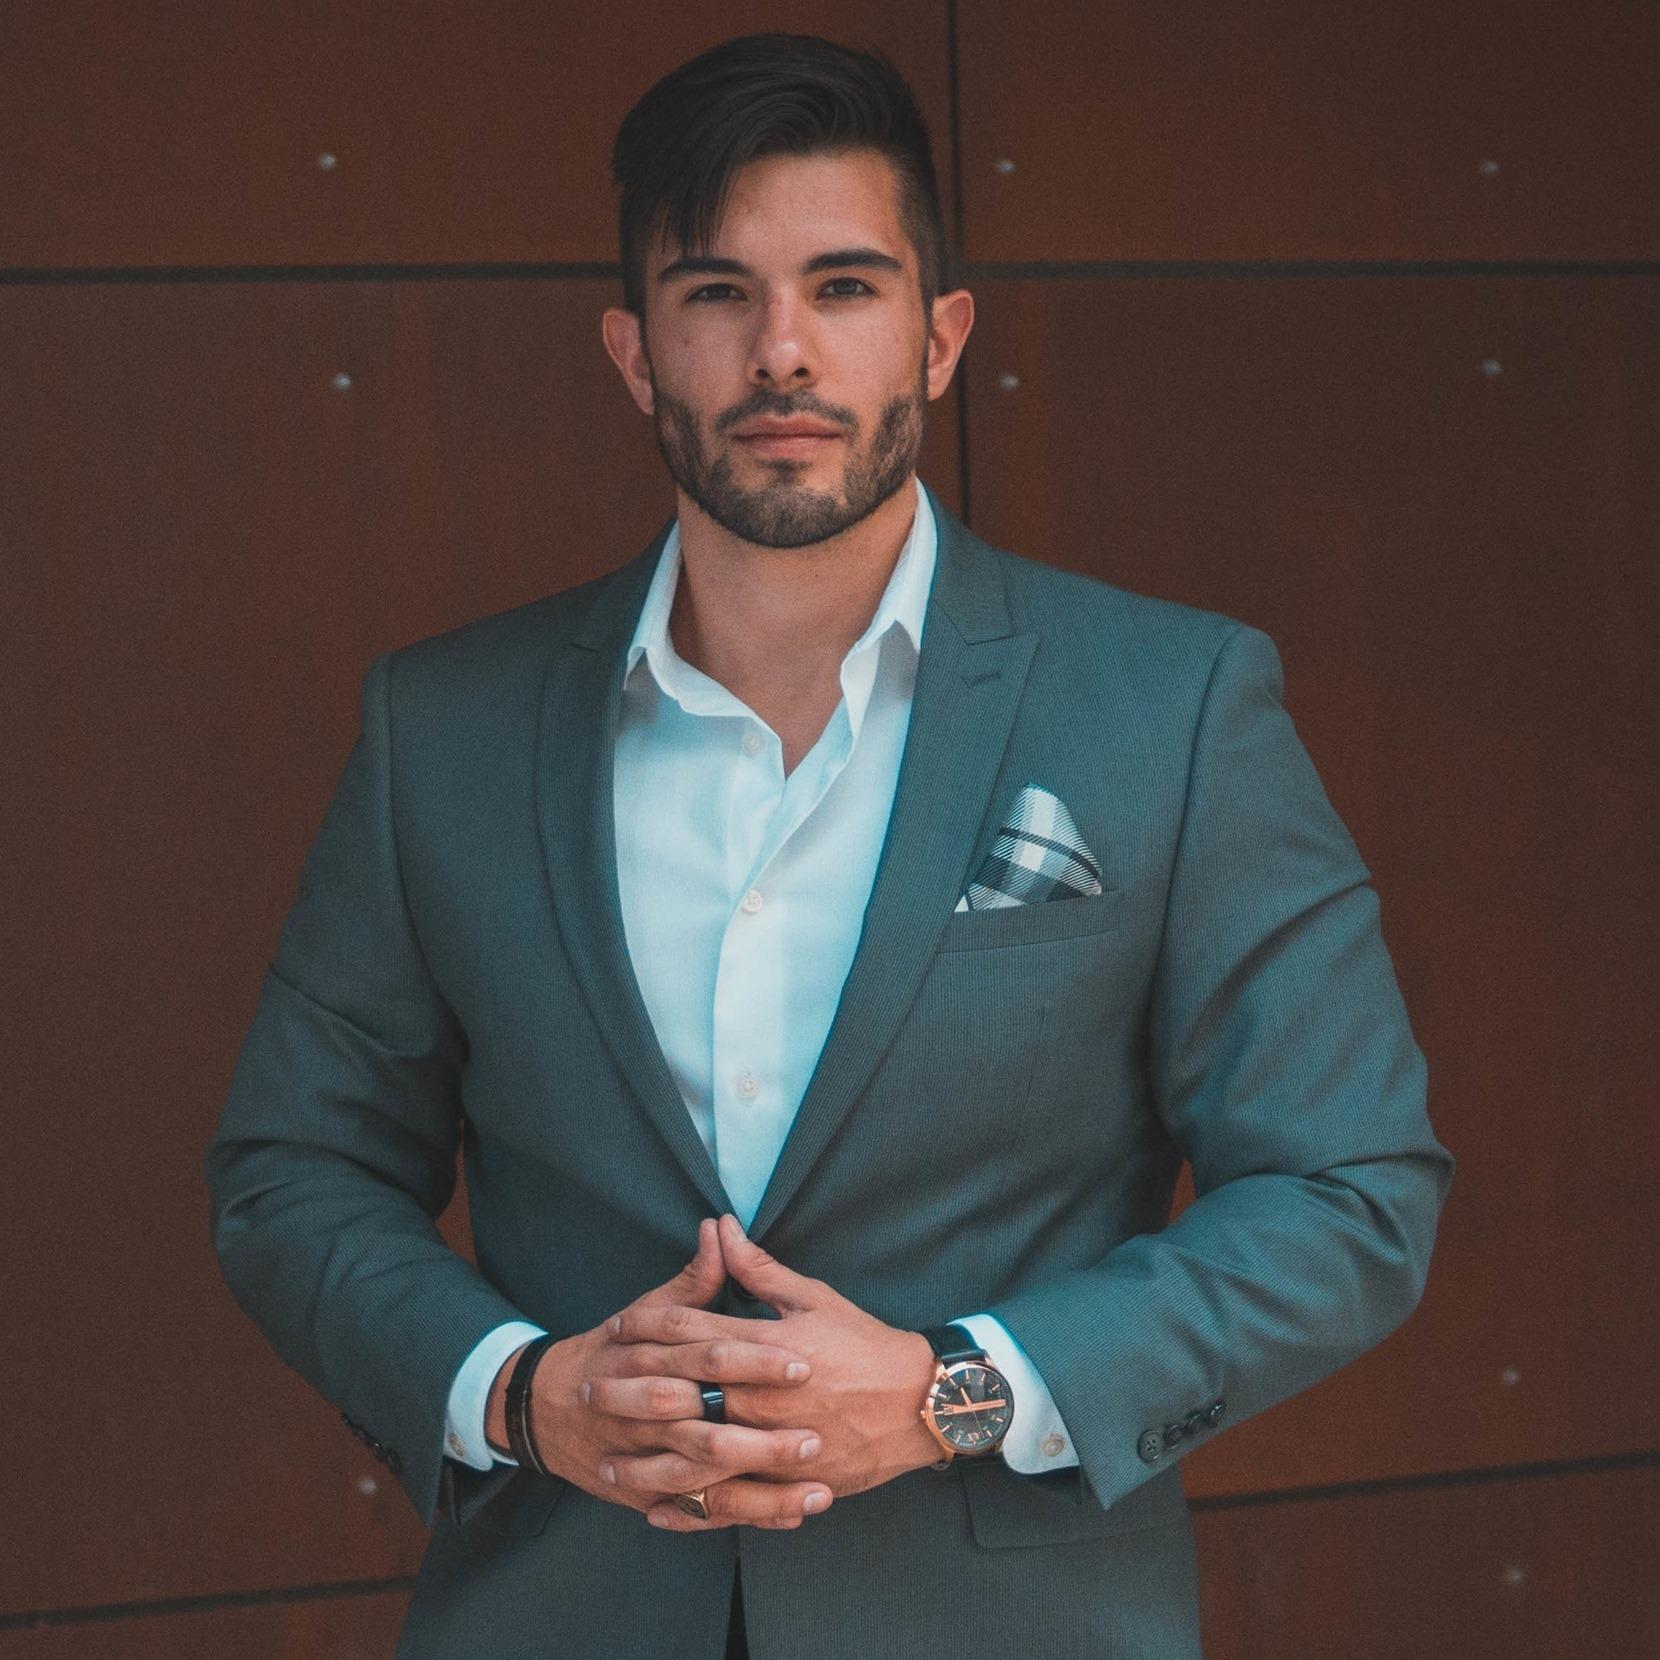 Sebastian Cruze